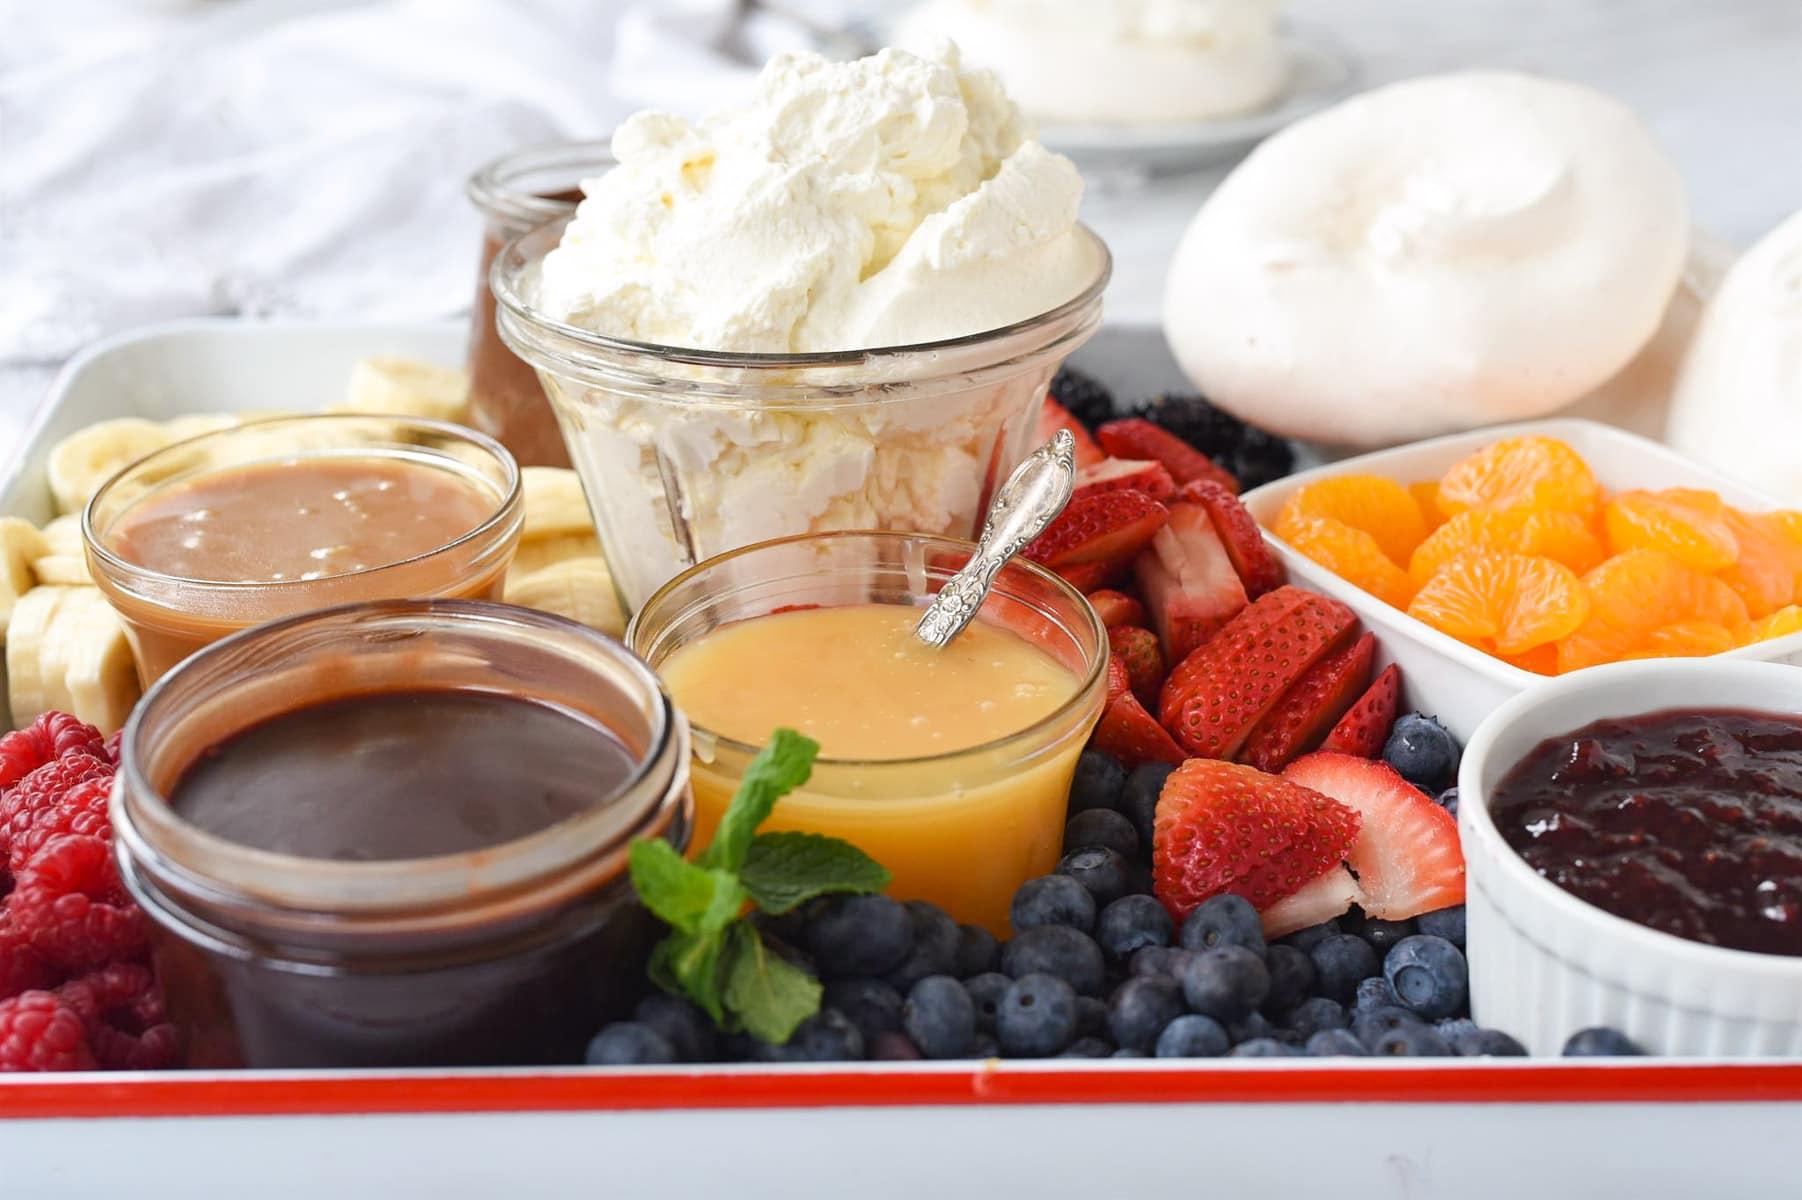 whipped cream on pavlova dessert board